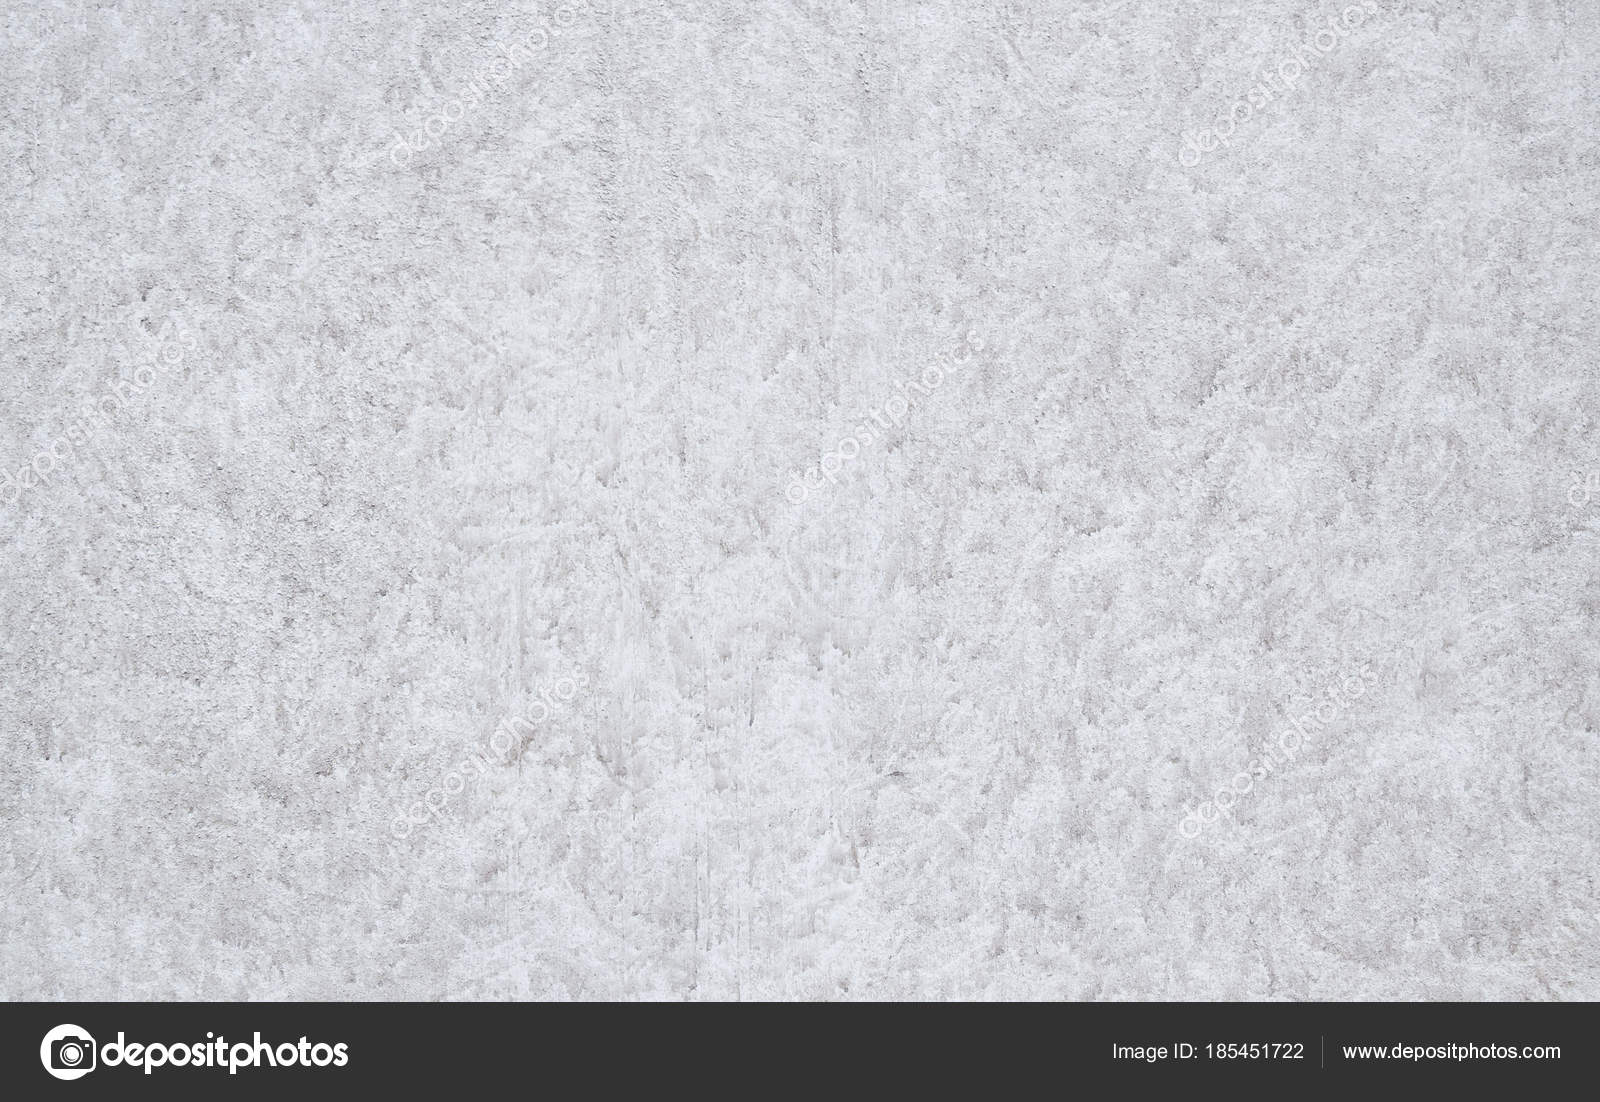 grau verputzte wand hintergrund textur putzoberfl che stockfoto. Black Bedroom Furniture Sets. Home Design Ideas